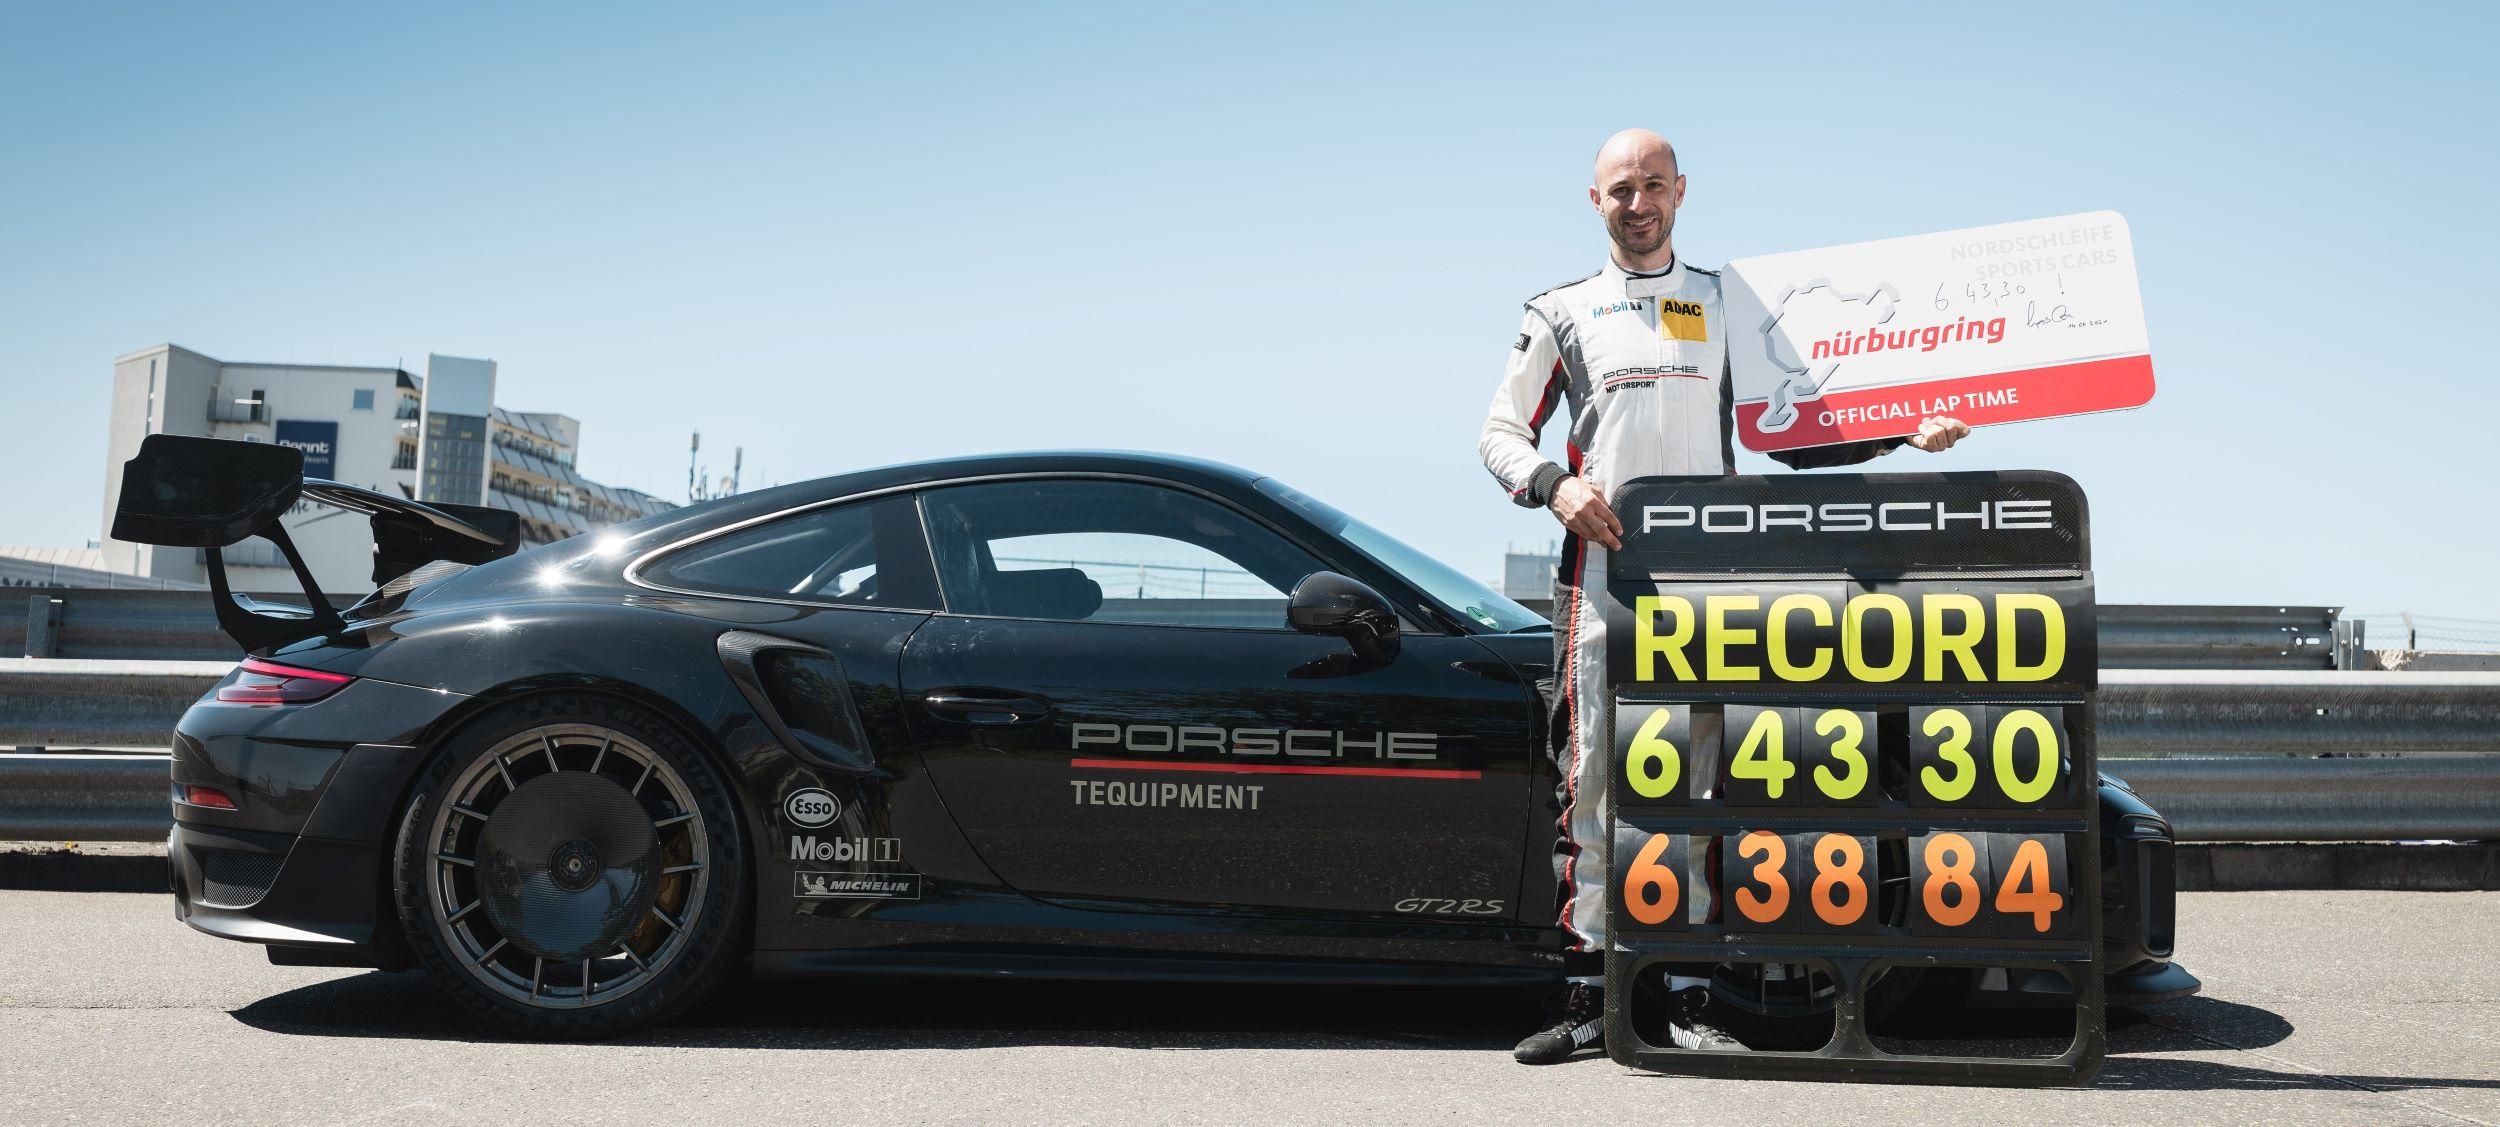 Porsche 911 GT2 RS Nurburgring rekord Lars Kern